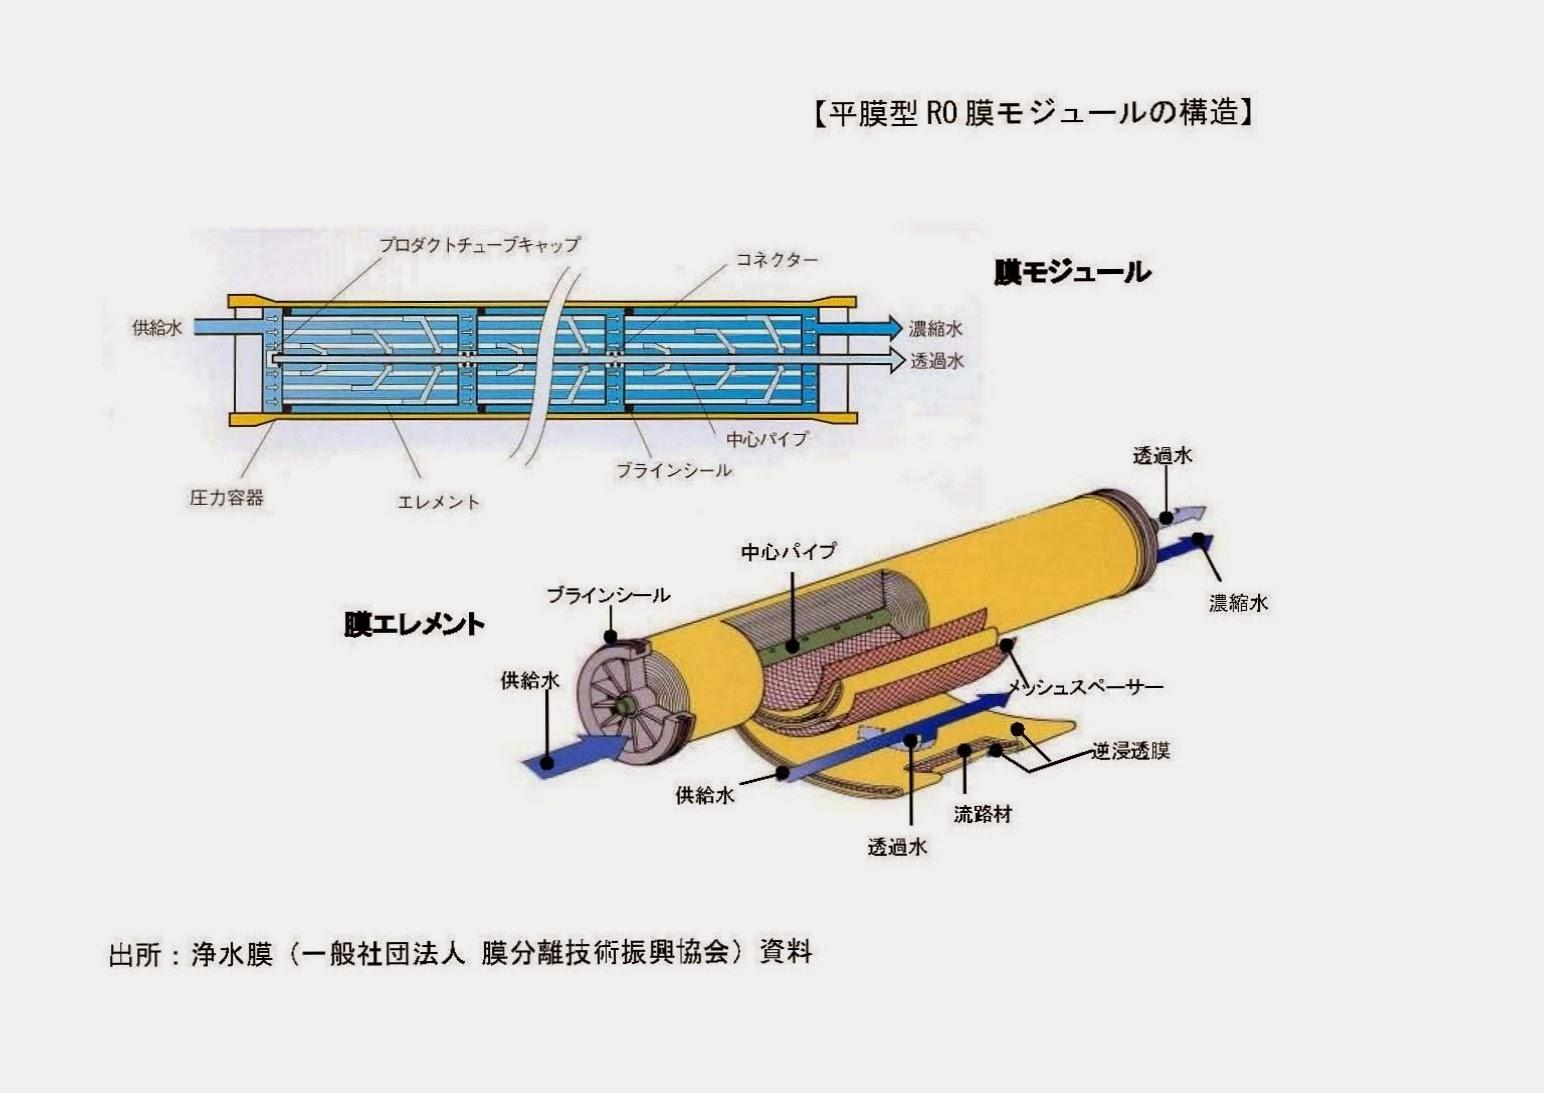 【ケーススタディ】東洋紡:逆浸透膜の開発と事業展開